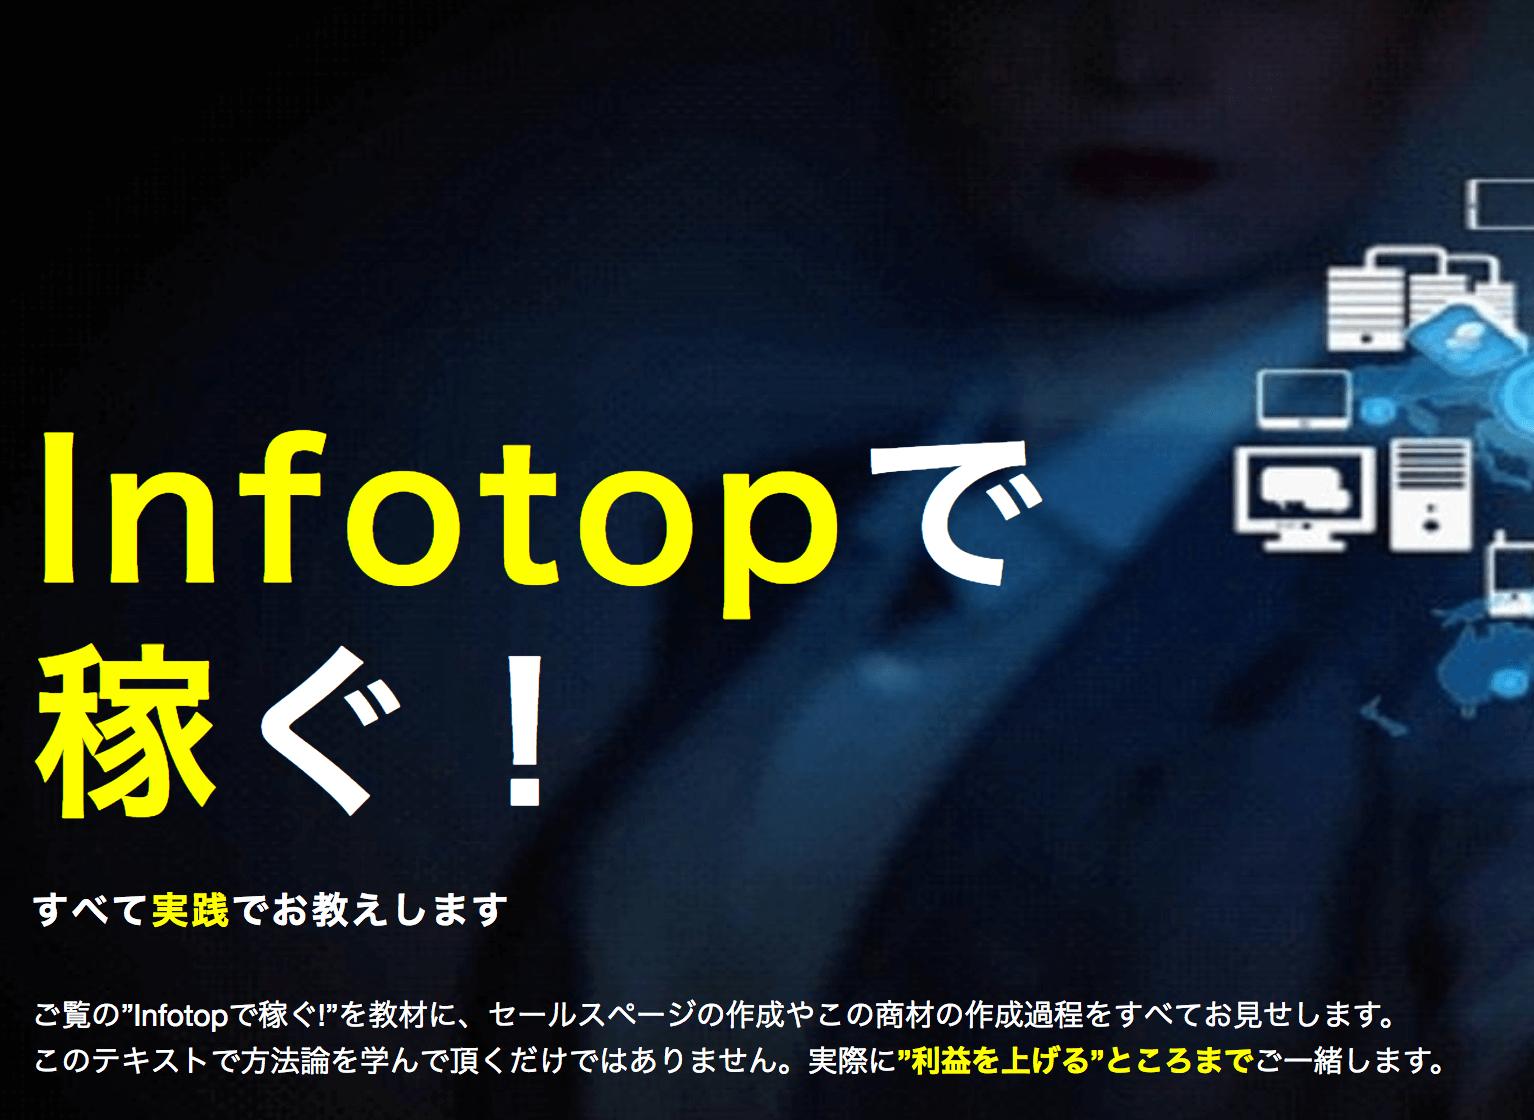 吉田啓太のinfotop(インフォトップ)で稼ぐ!